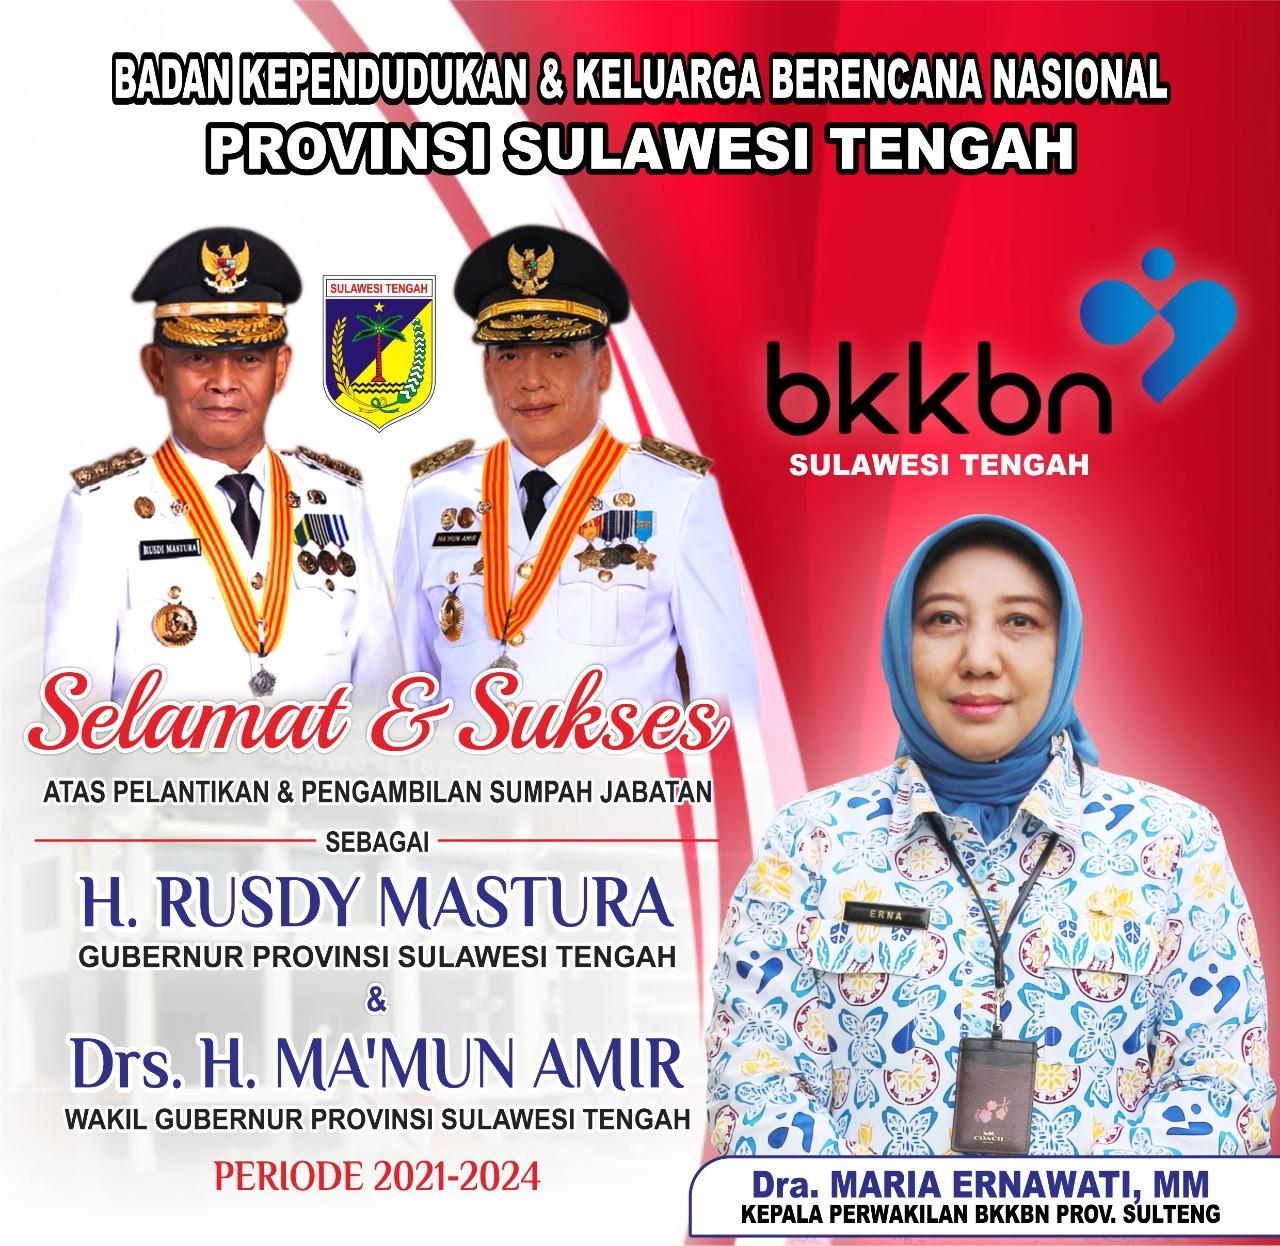 Iklan BKKBN Provinsi Sulawesi Tengah